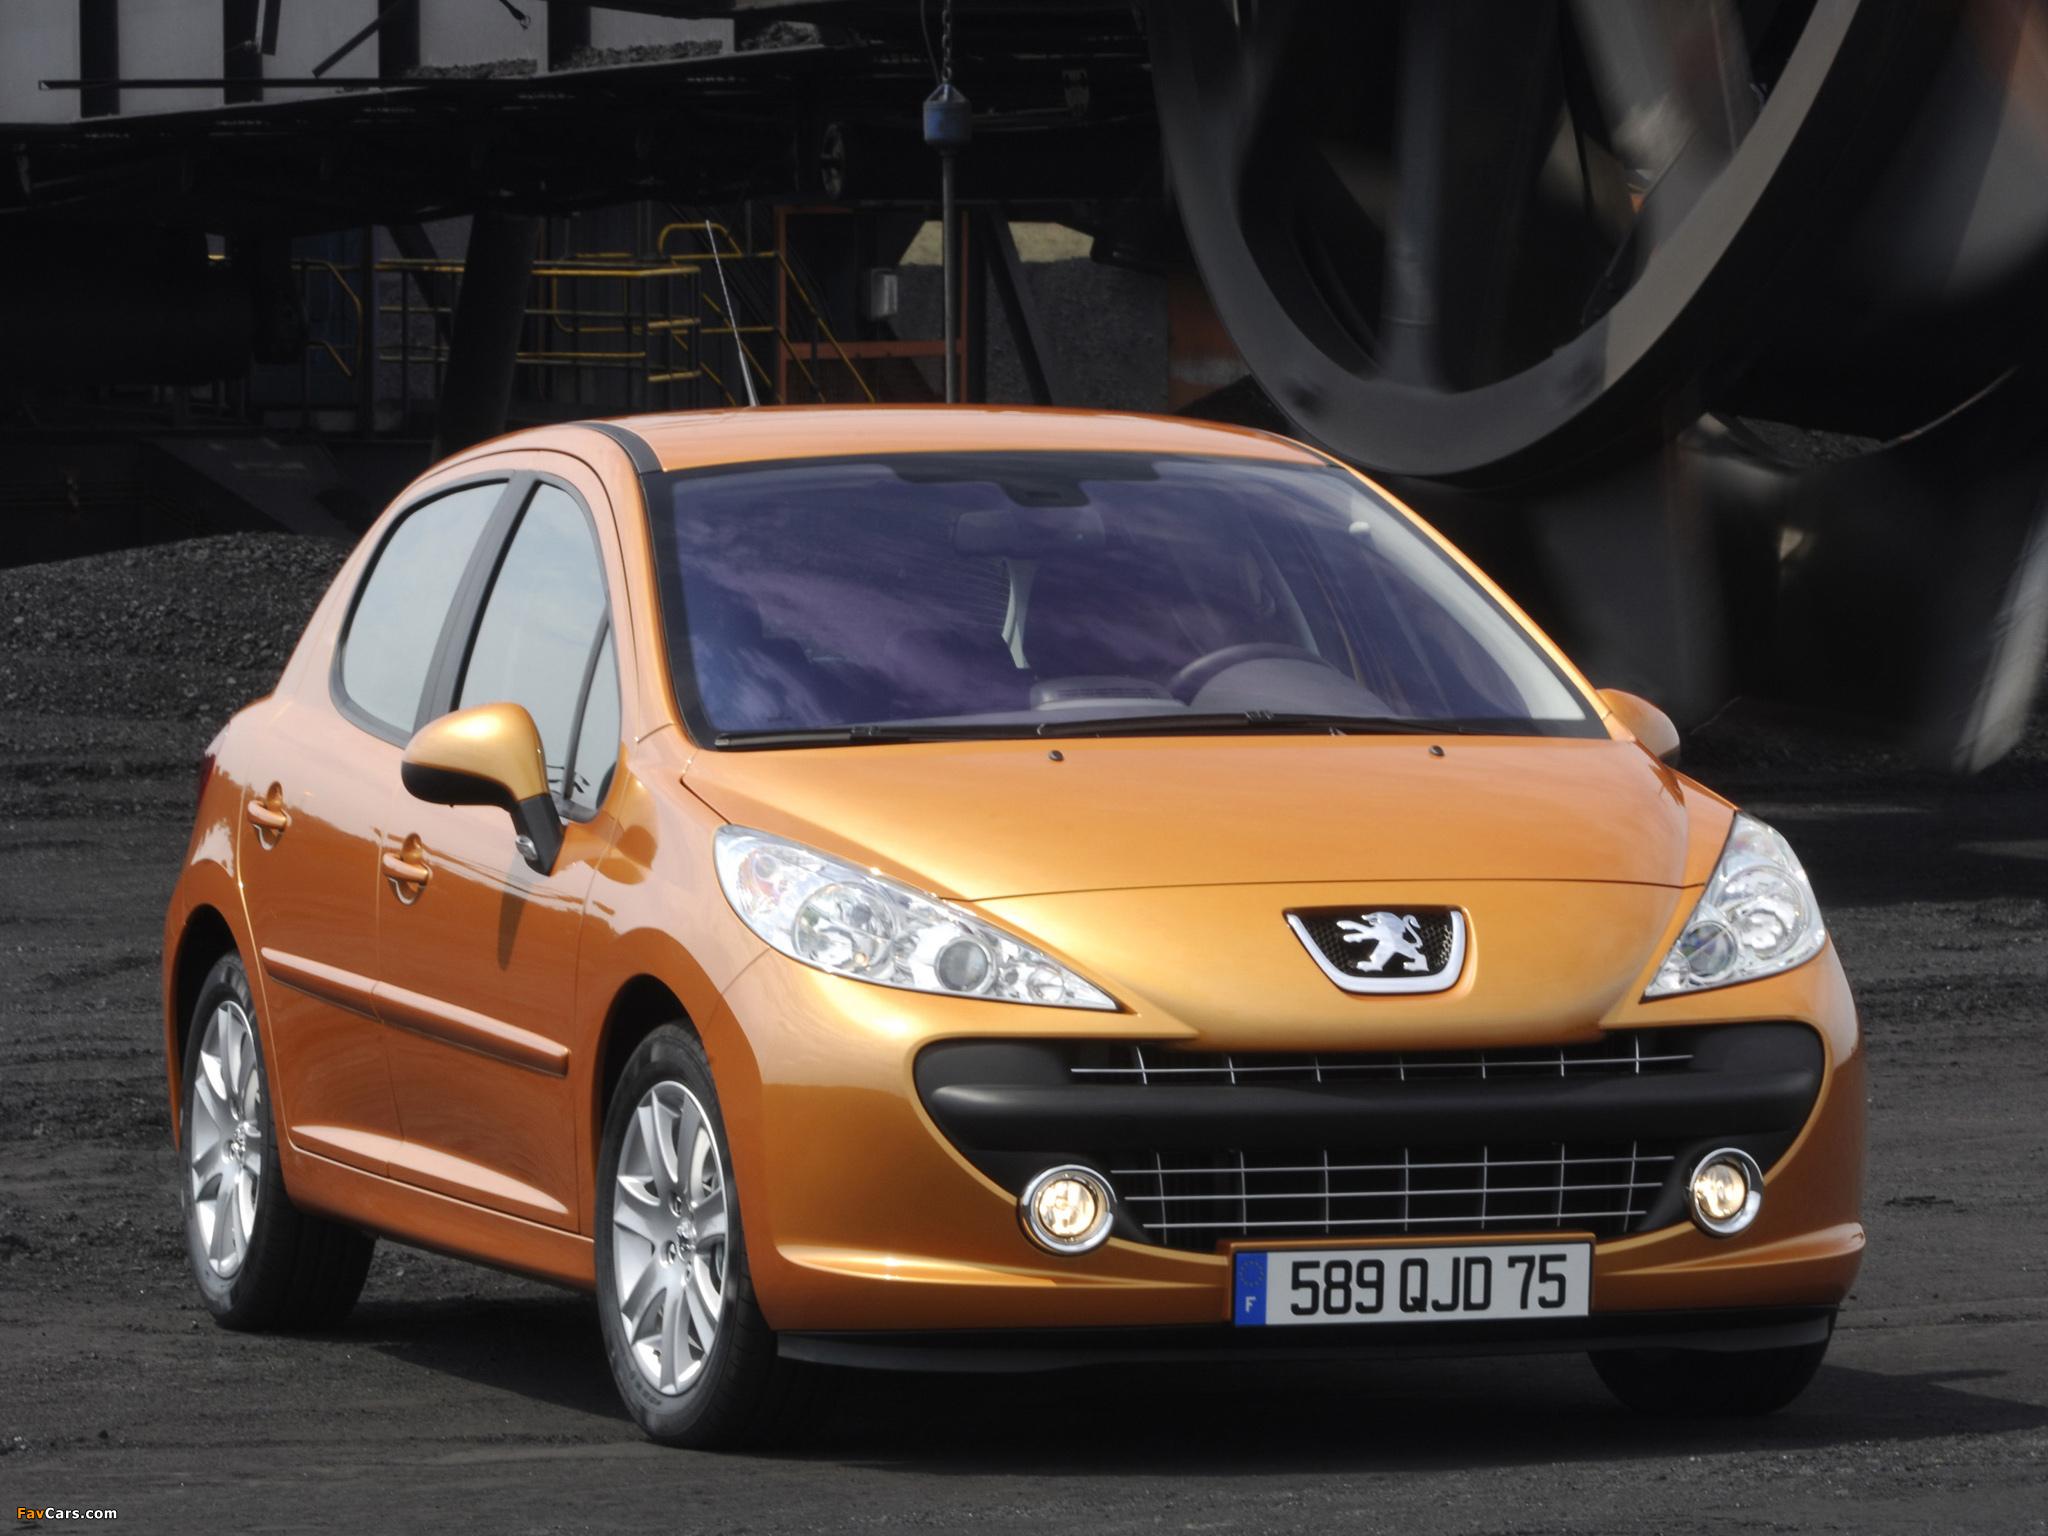 Инициализация коробки 2-Tronic на Peugeot 207